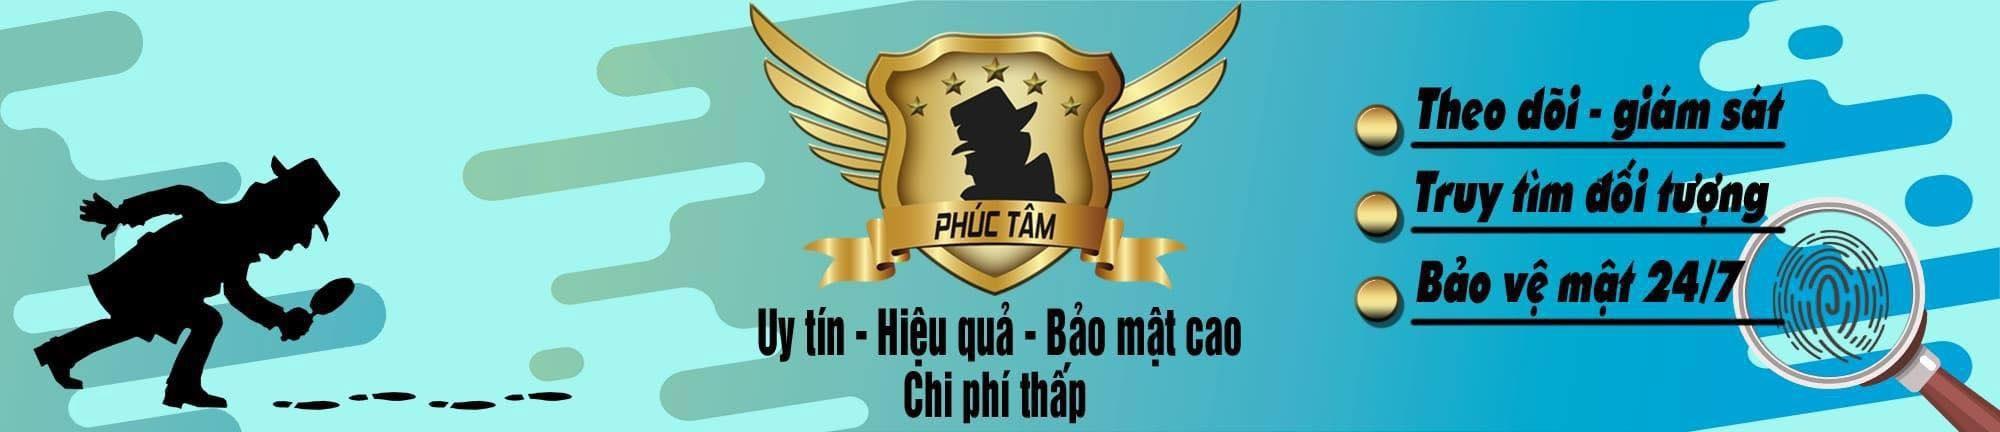 Top 5 dịch vụ thám tử tư Hà Nội uy tín nhất - Ảnh 1